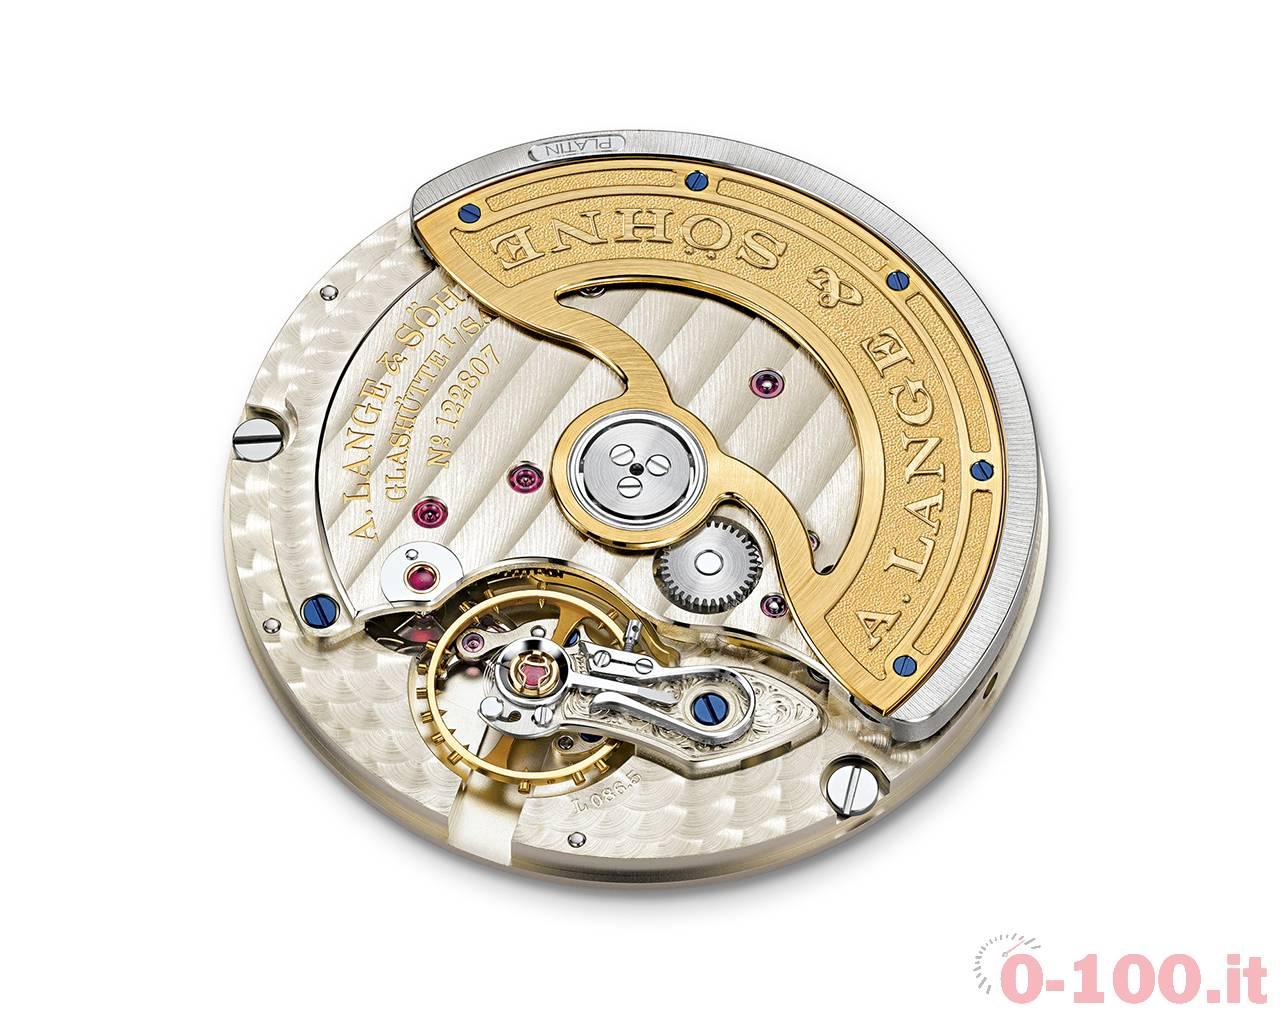 a-lange-sohne-saxonia-con-fase-lunare-e-grande-data-ref-384-026-384-032-prezzo-price_0-1008